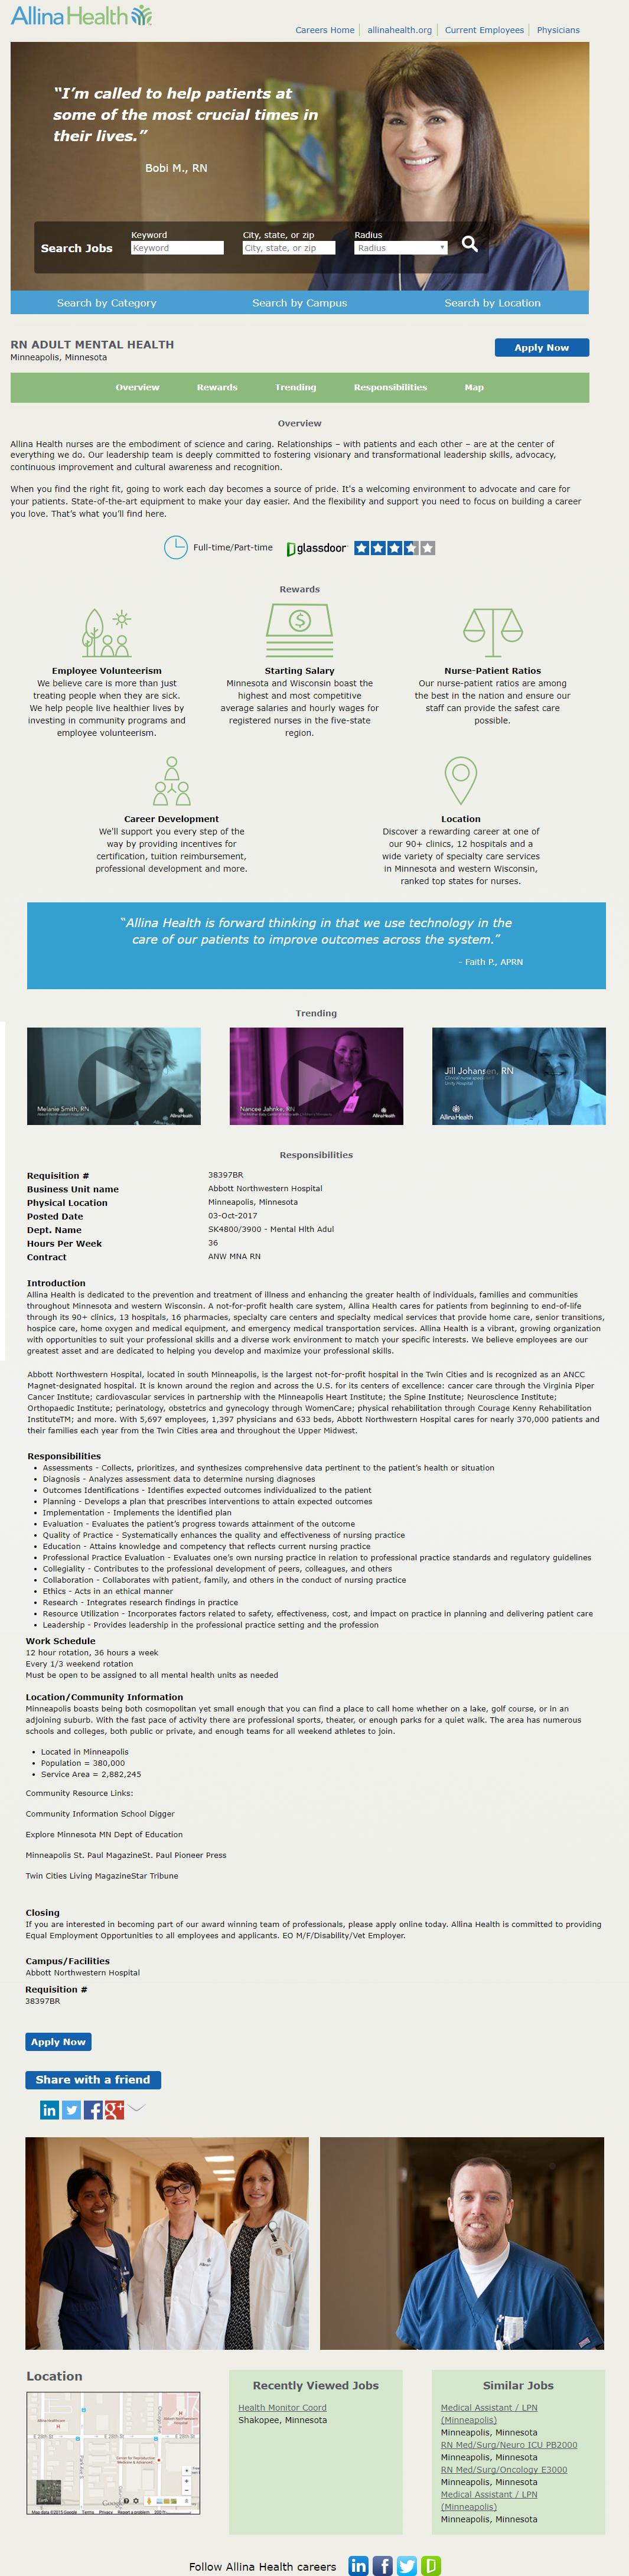 Allina Health Kenexa Brassring ATS Job Page